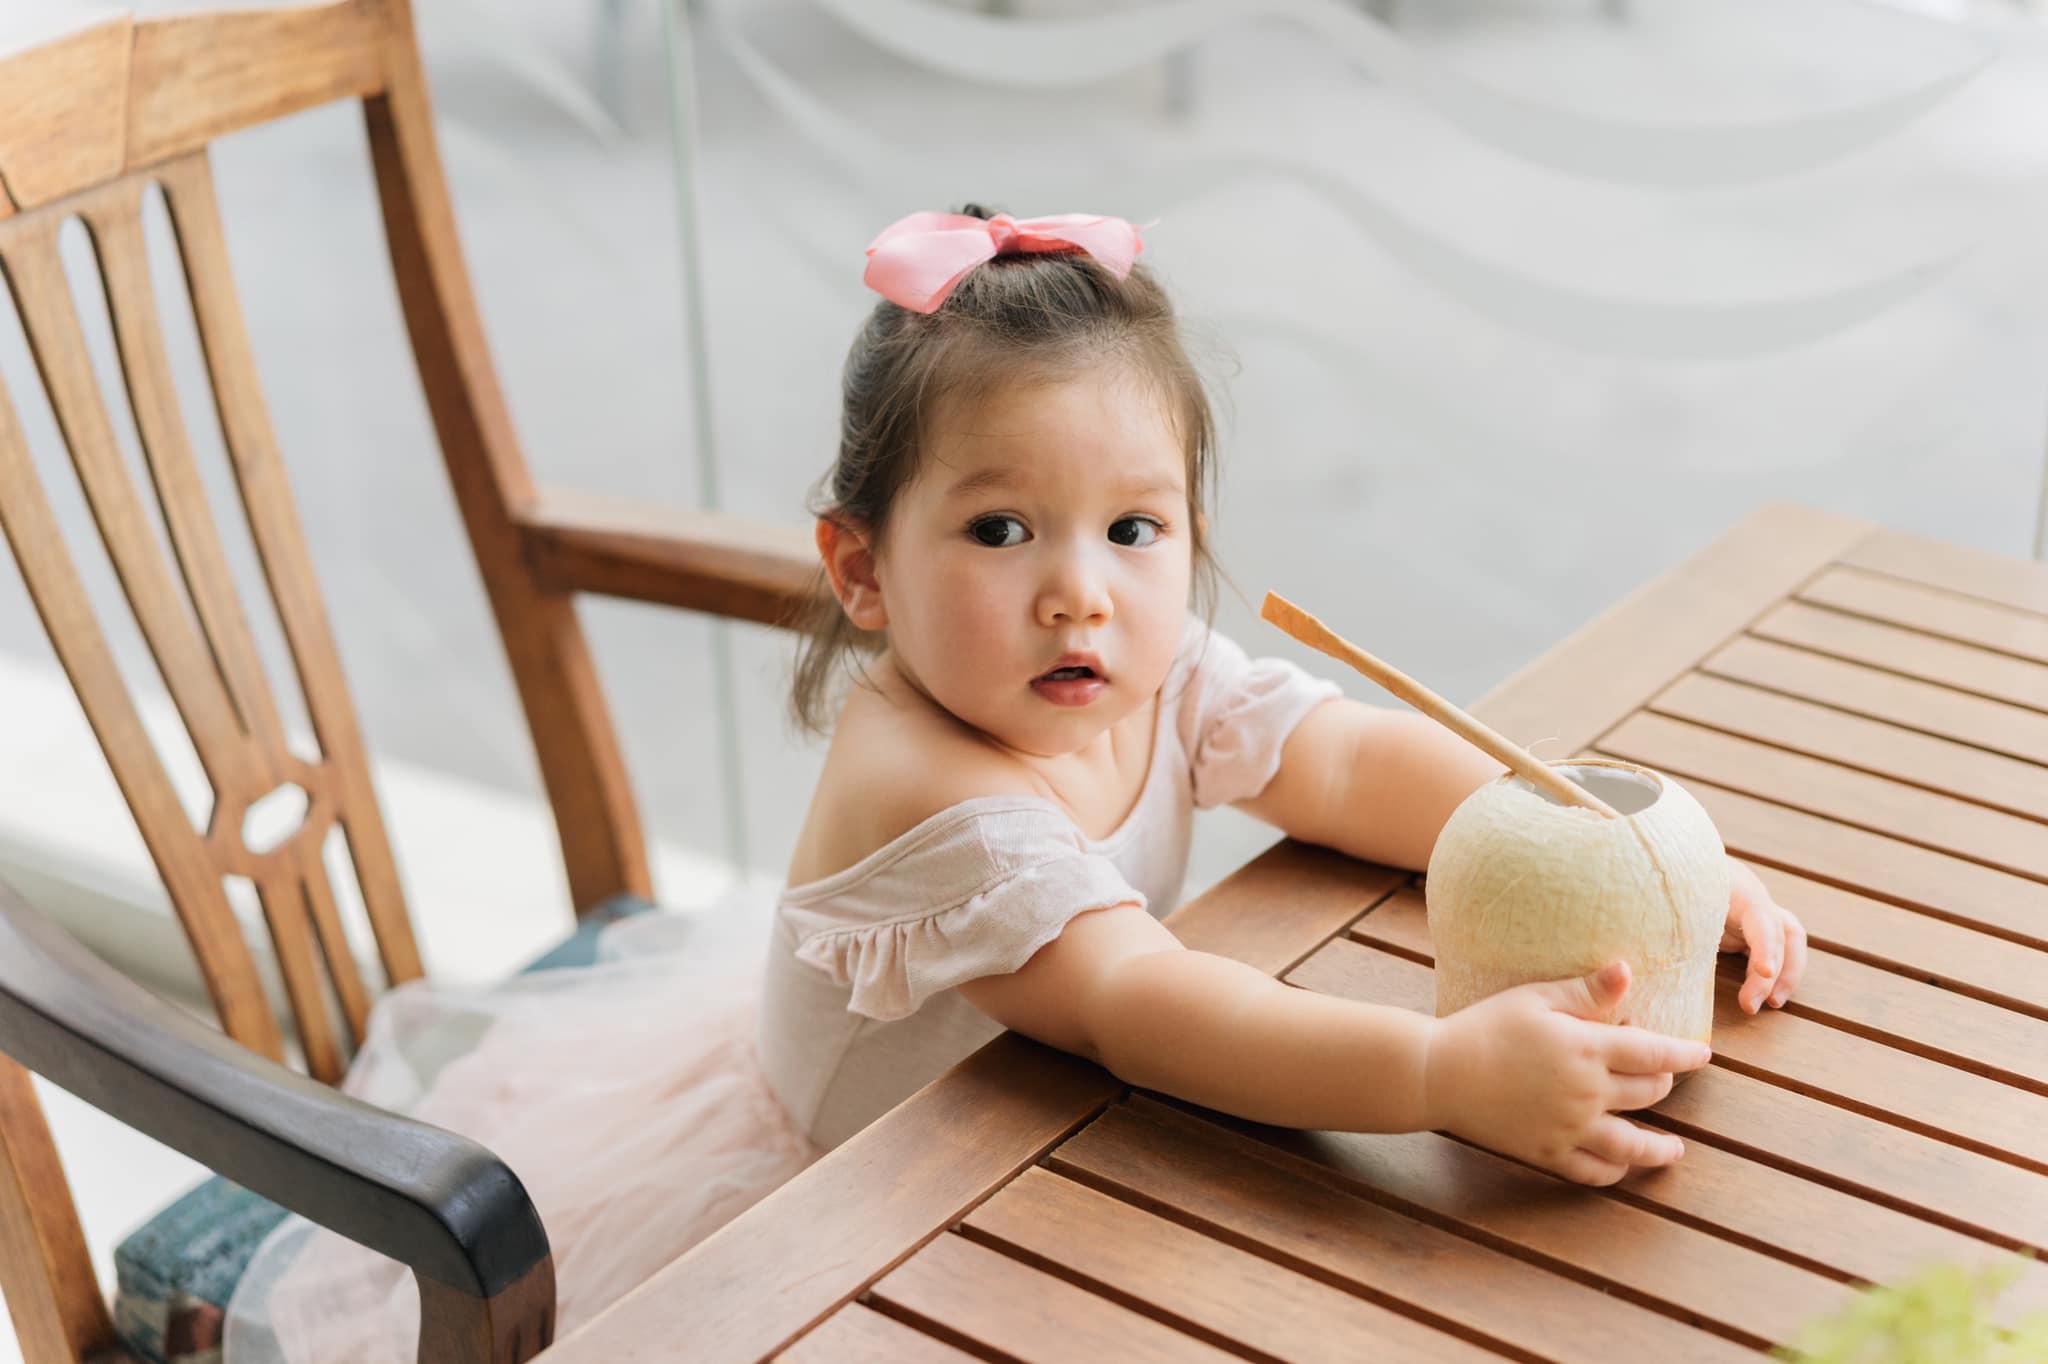 """Cuộc sống mùa dịch của các hot mom: Hằng Túi chỉ thích ra vườn chơi đùa với con, siêu mẫu Hà Anh tận hưởng kỳ """"du lịch tại gia"""" sang chảnh - Ảnh 25."""